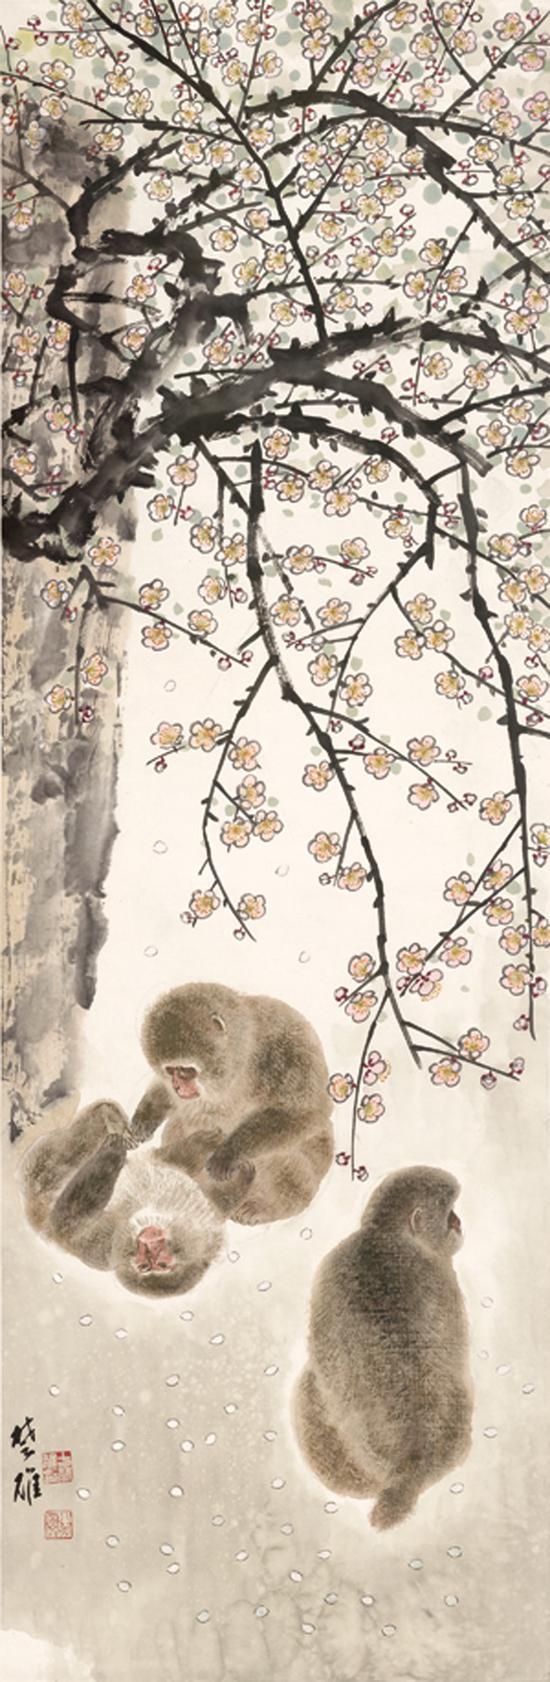 方楚雄《梅花猴子》137.5cm×45cm  纸本设色  2018年